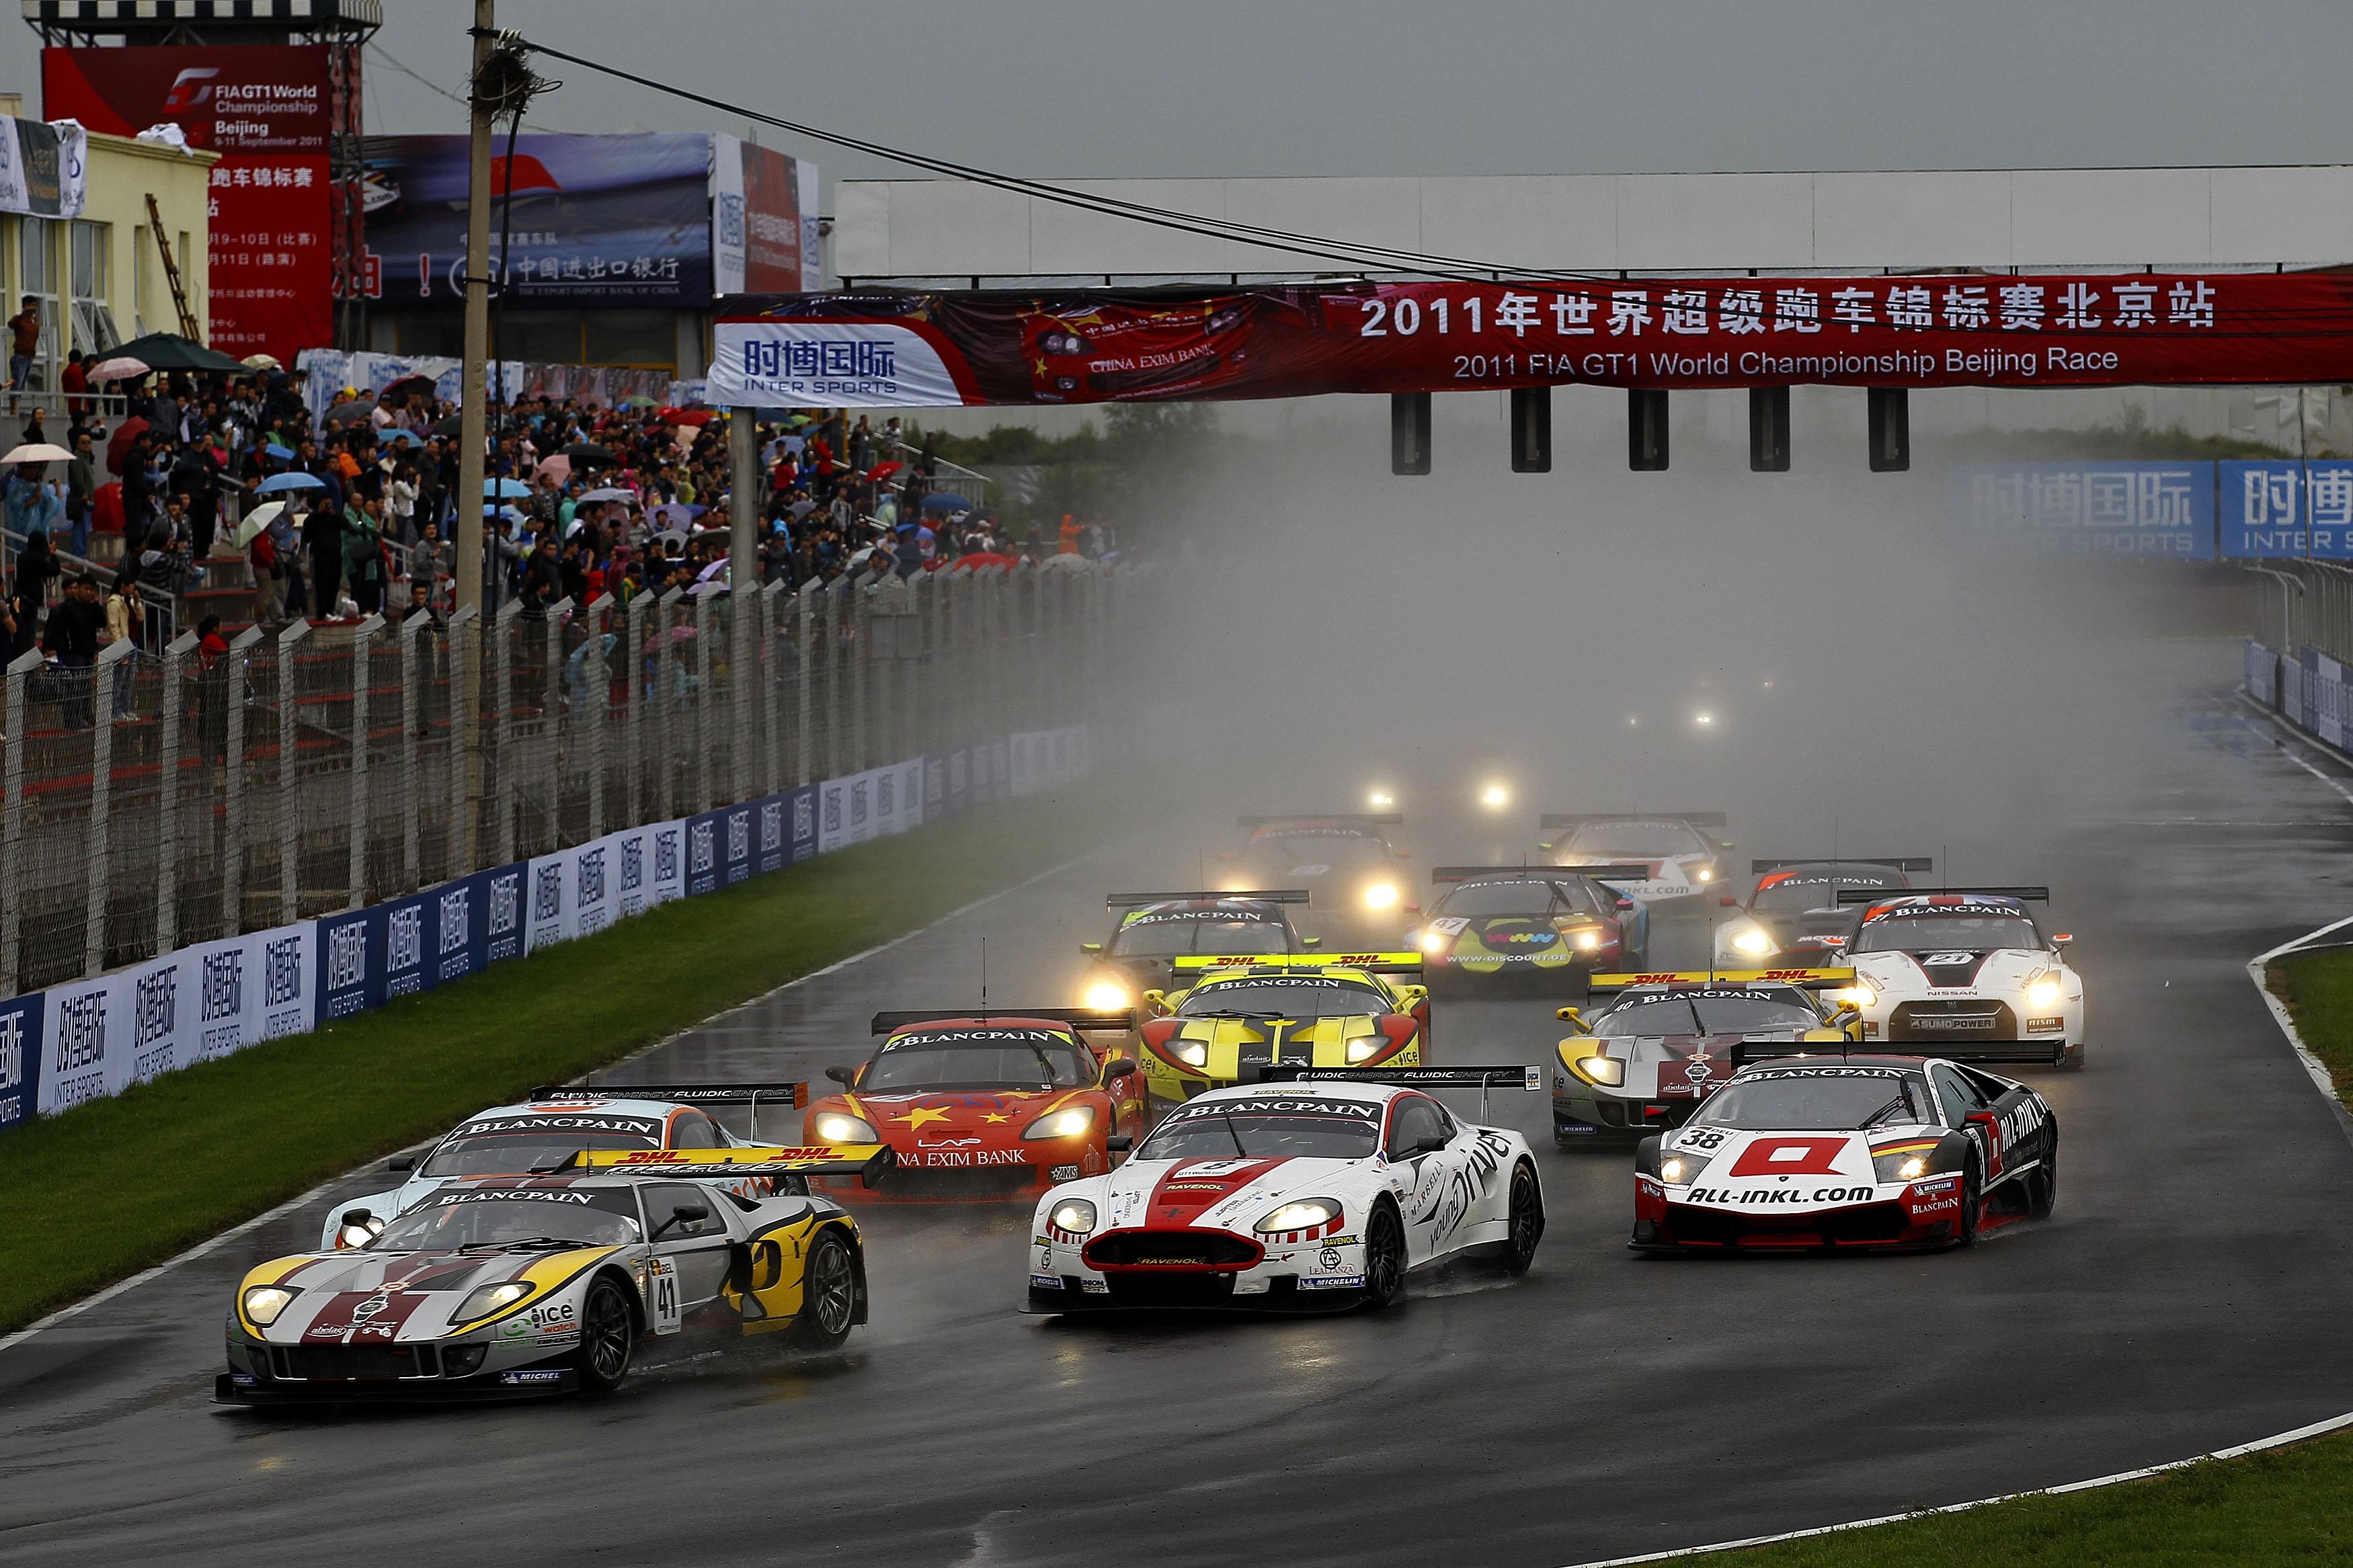 FIA GT1 2011